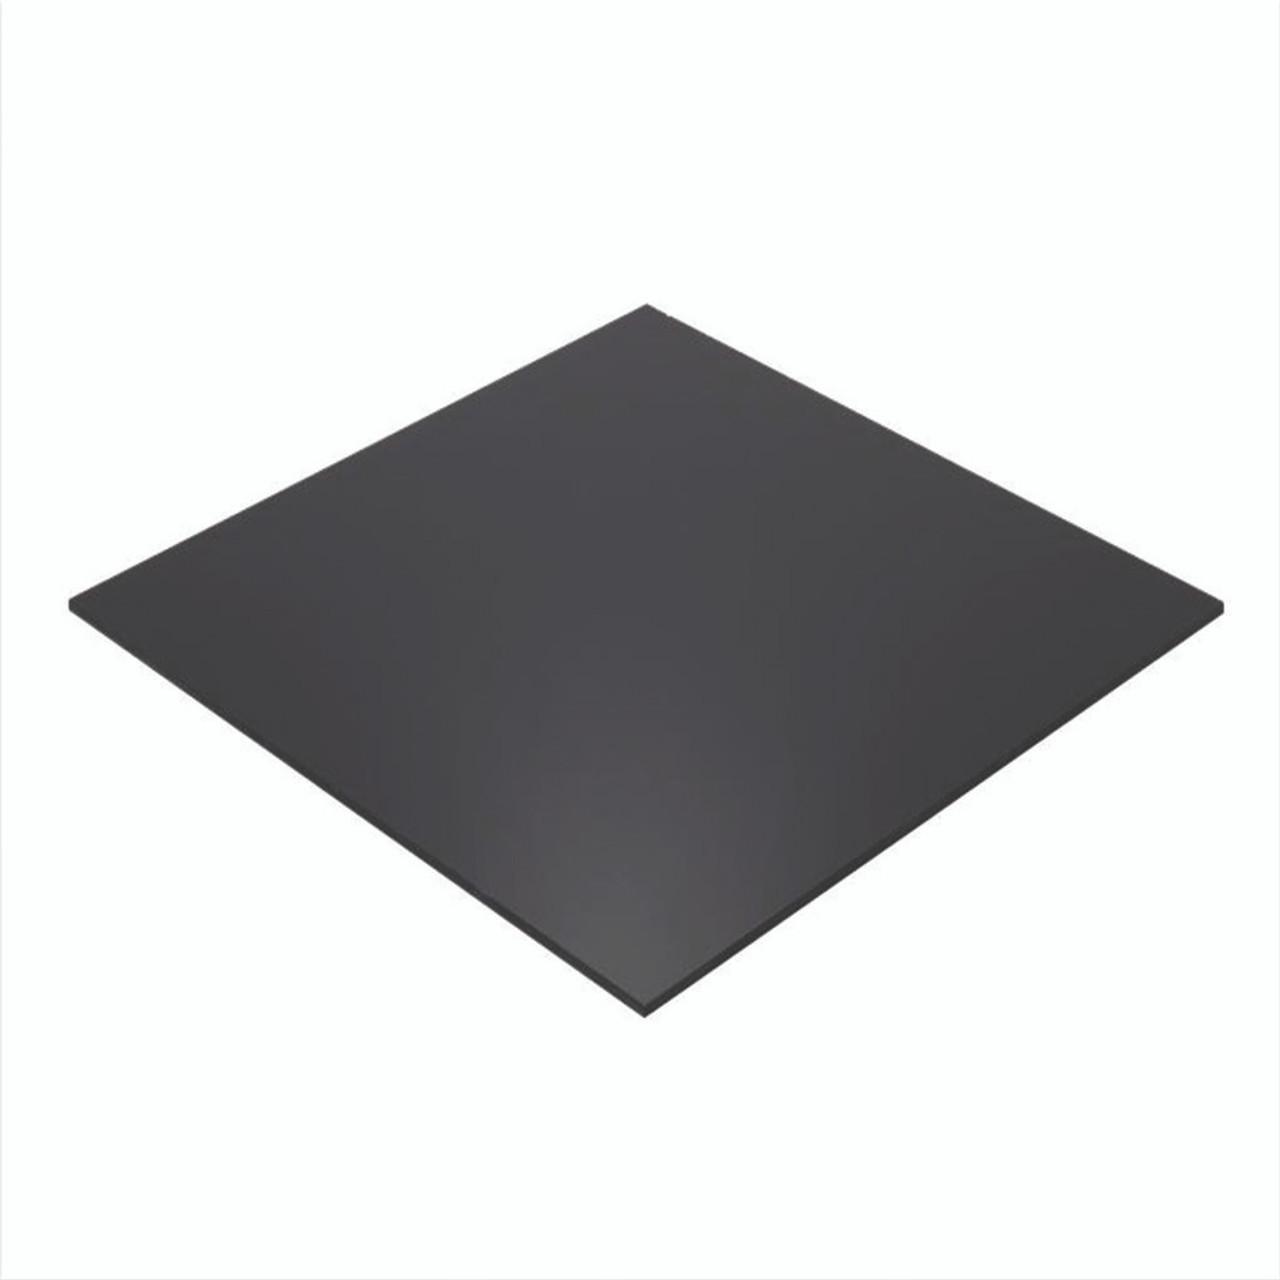 """4' x 8' x 1/8"""" Opaque Black Acrylic Sheet, P95 ( 1 side matte )"""